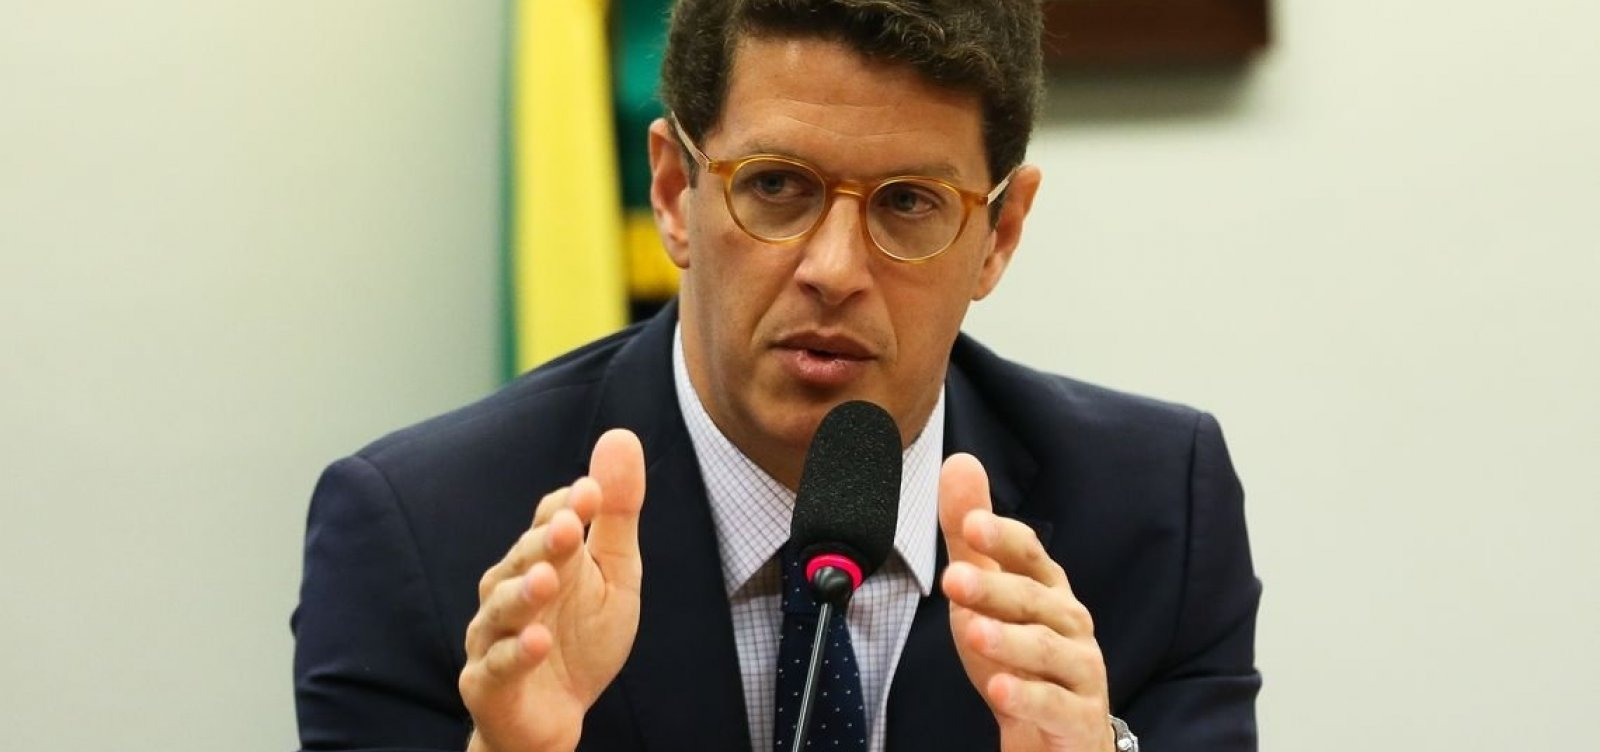 Desmatamento ilegal zero não deve acontecer, diz ministro do Meio Ambiente